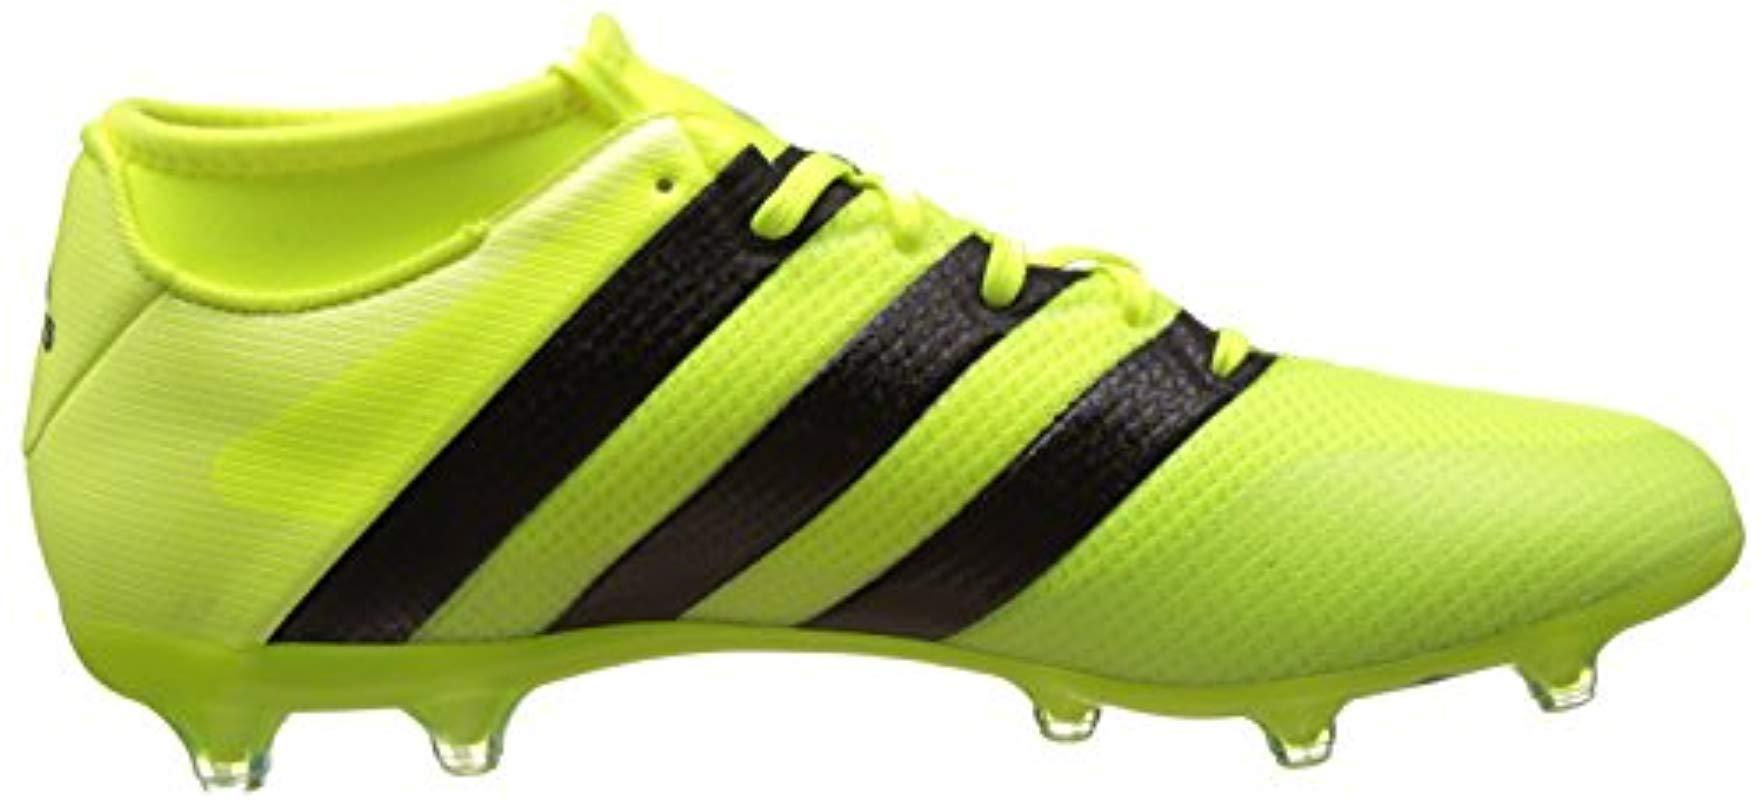 adidas Ace 16.3 Primemesh Fg/Ag Fußballschuhe in Gelb für Herren